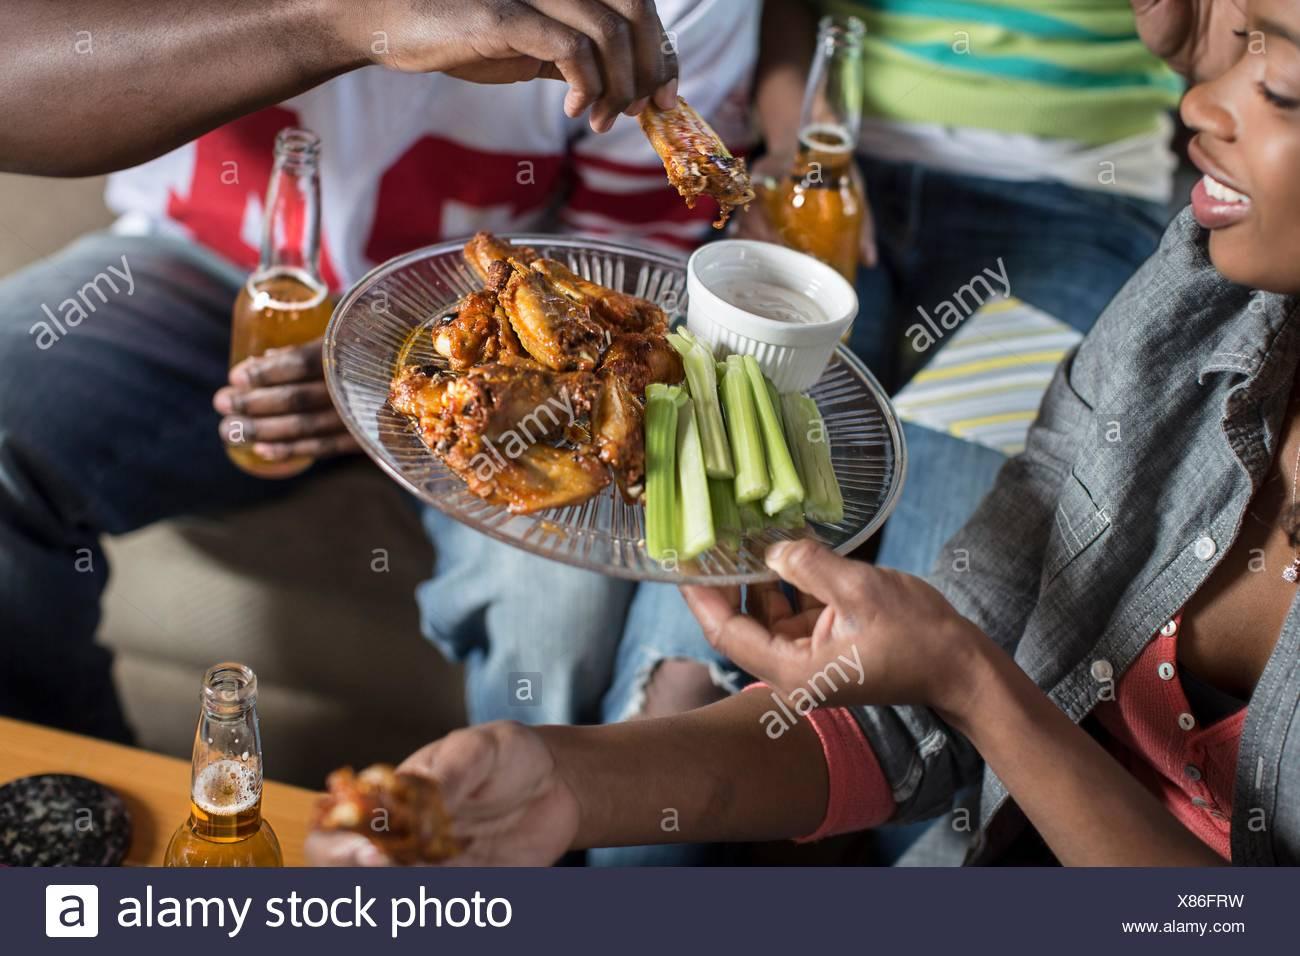 Grupo de amigos adultos compartiendo la comida para llevar en el sofá de la sala Imagen De Stock